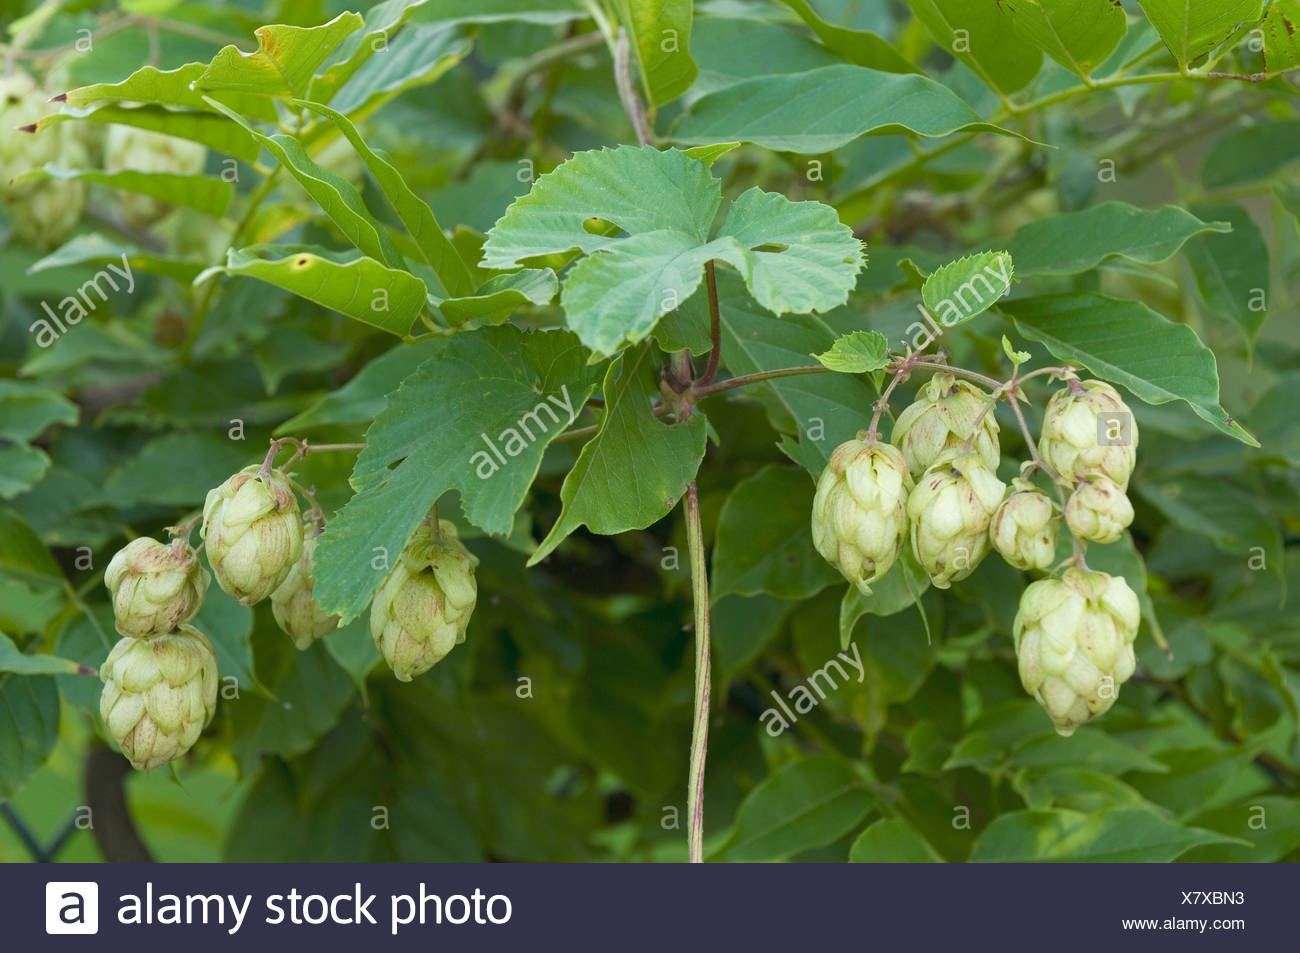 Hops (Humulus lupulus), female inflorescences - Stock Image